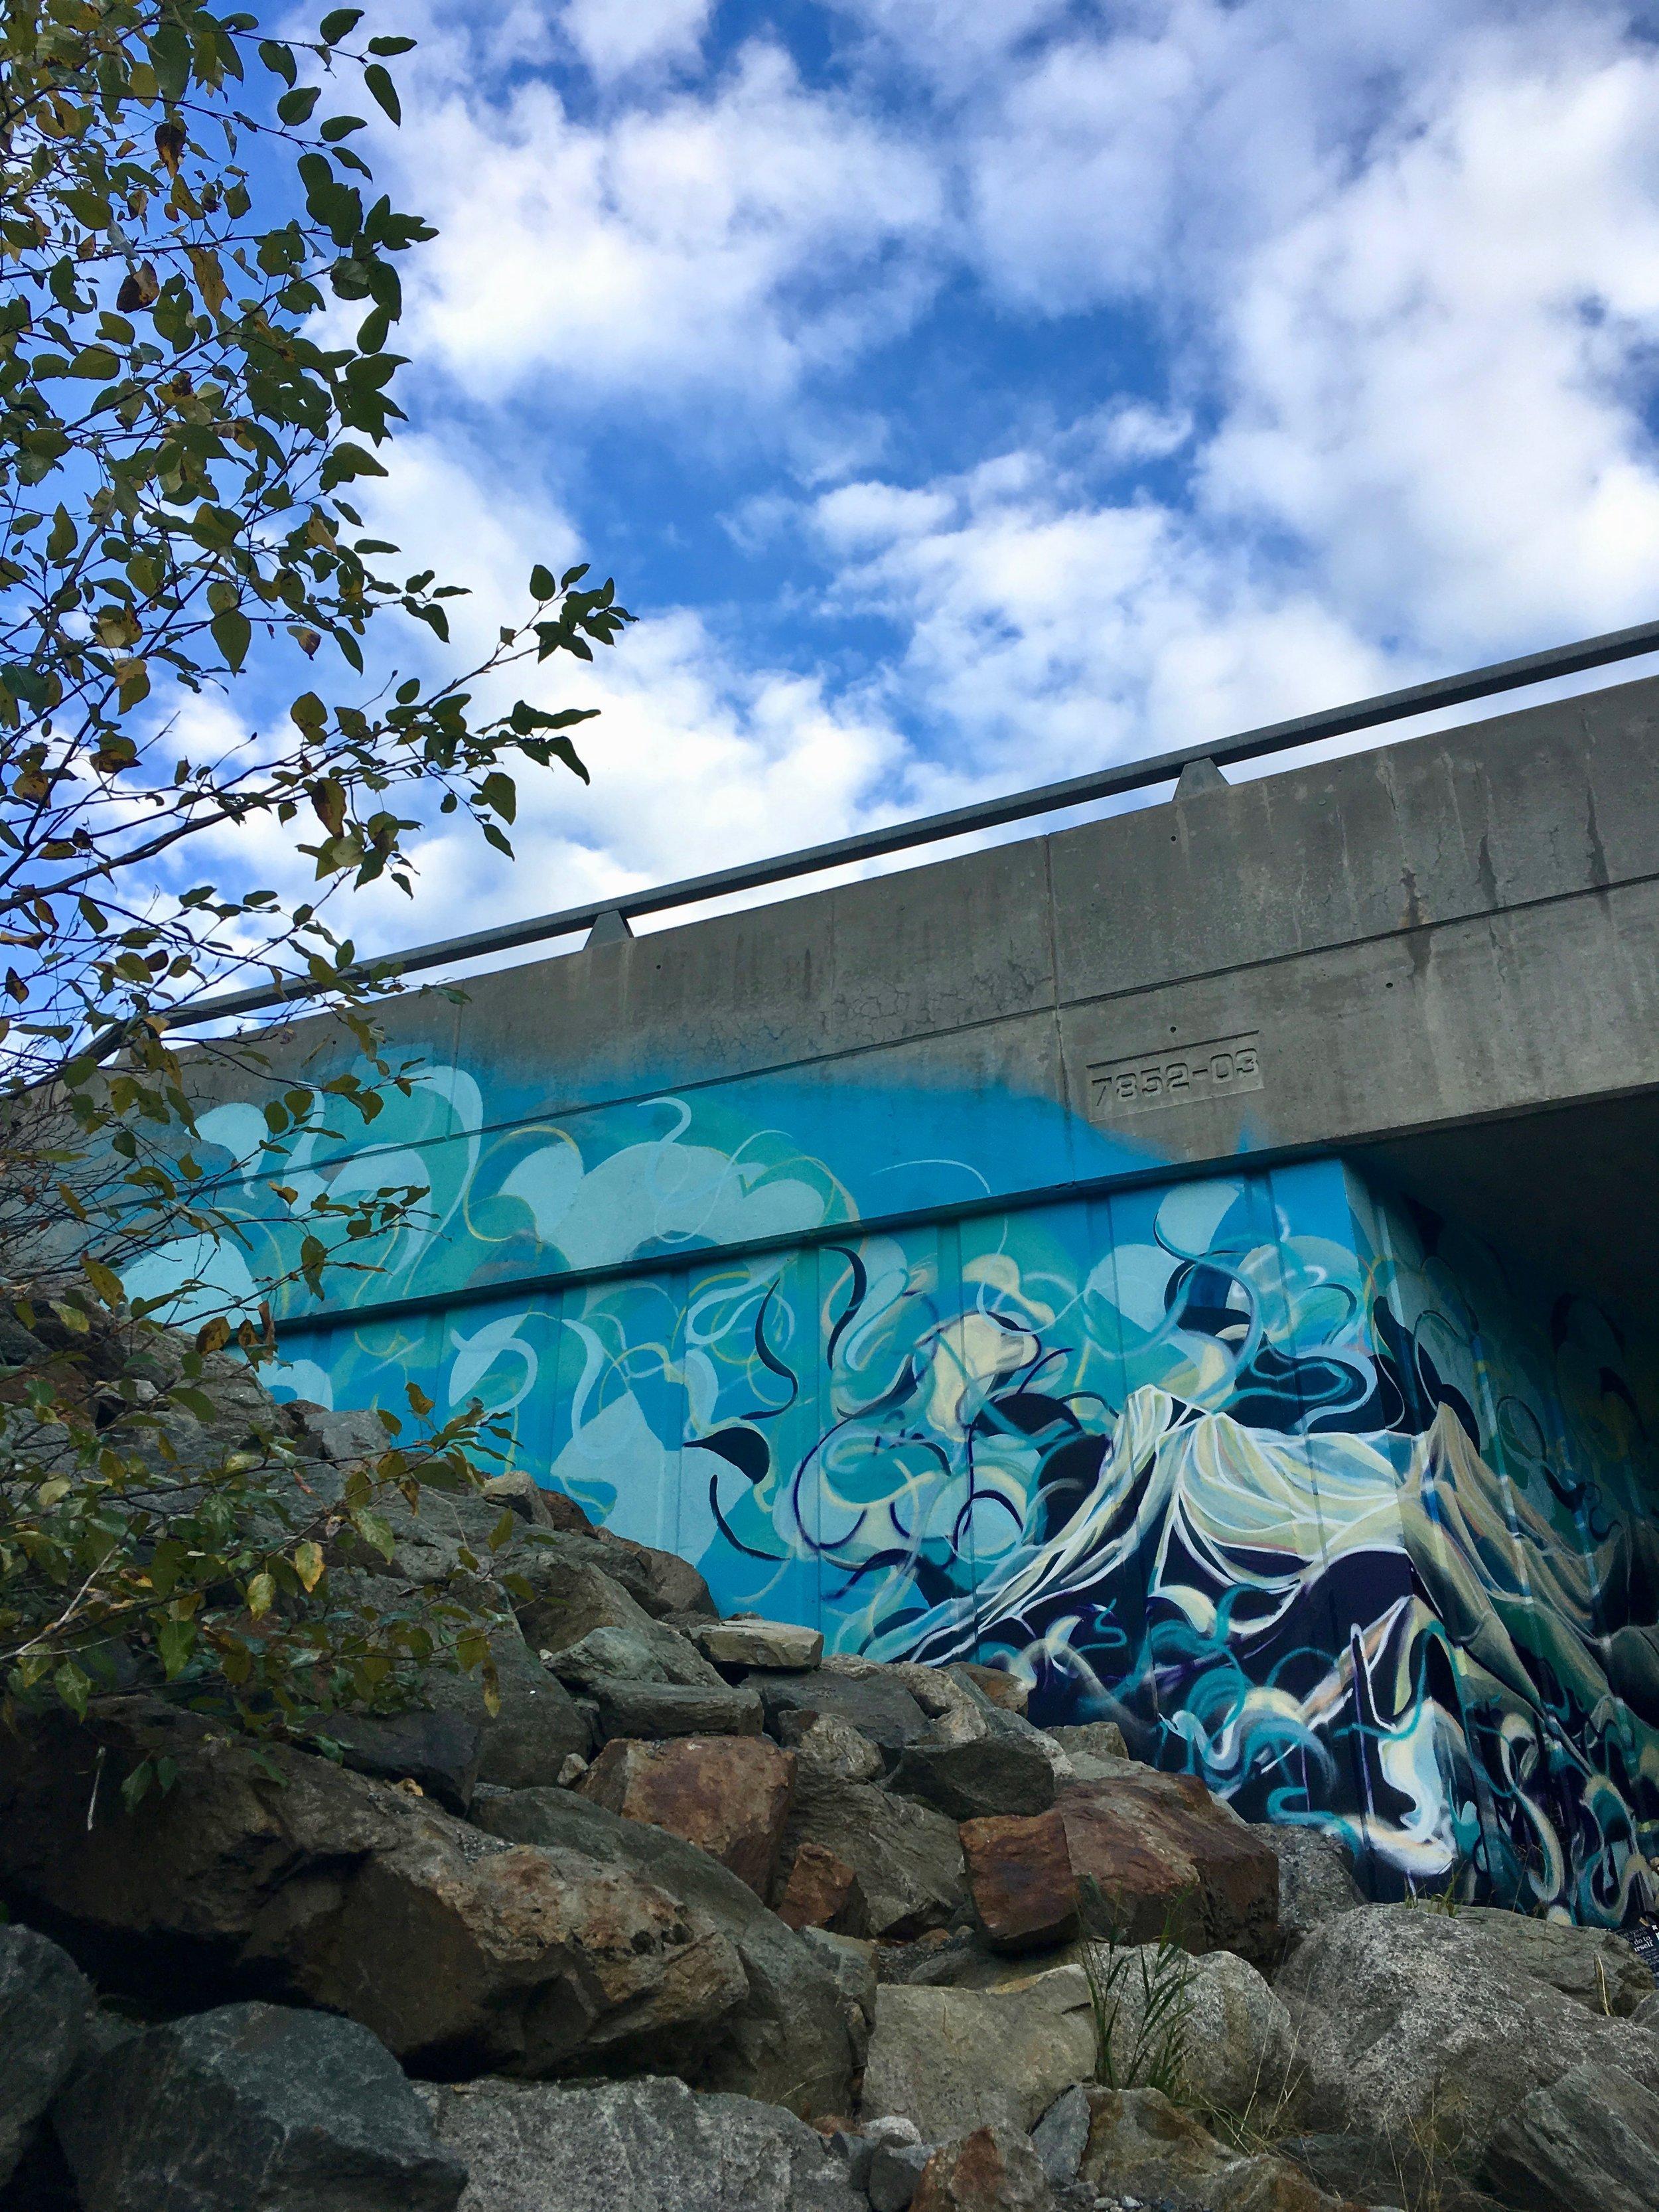 SouthCorner-CreeksideUnderpass-JessaGilbert.jpg